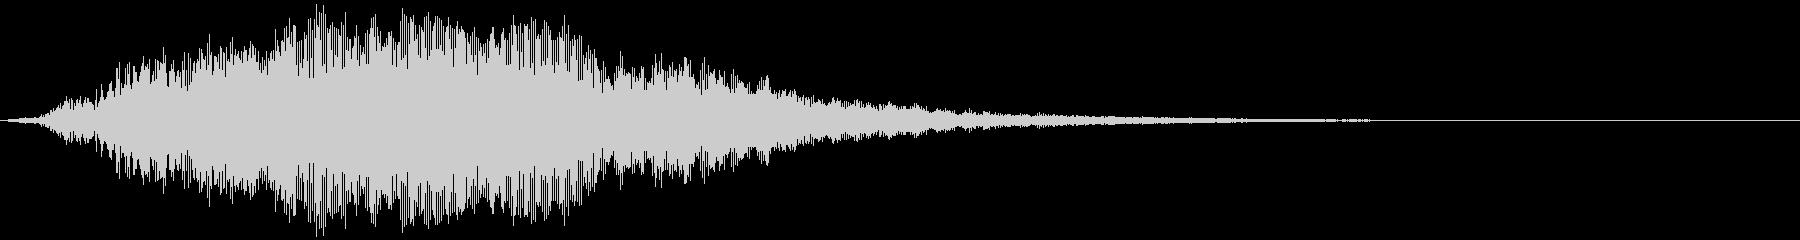 【ホラー】SFX_38 出陣の未再生の波形